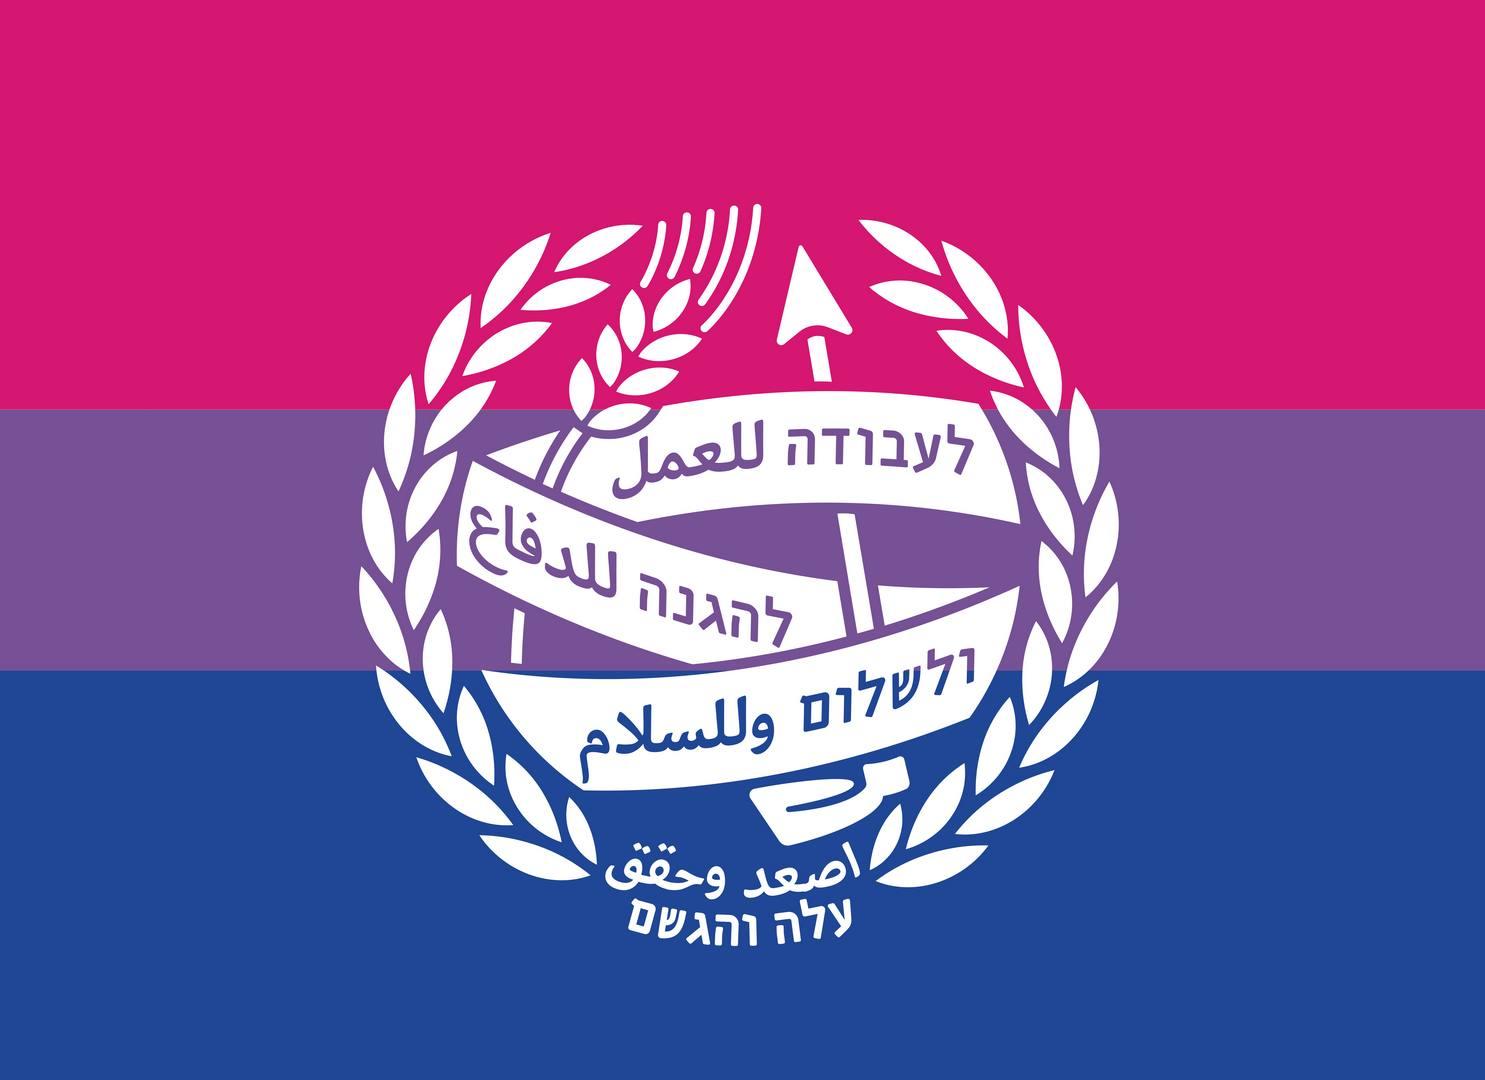 דגל הגאווה הביסקסואלית  bisexual flag עם/בלי לוגו